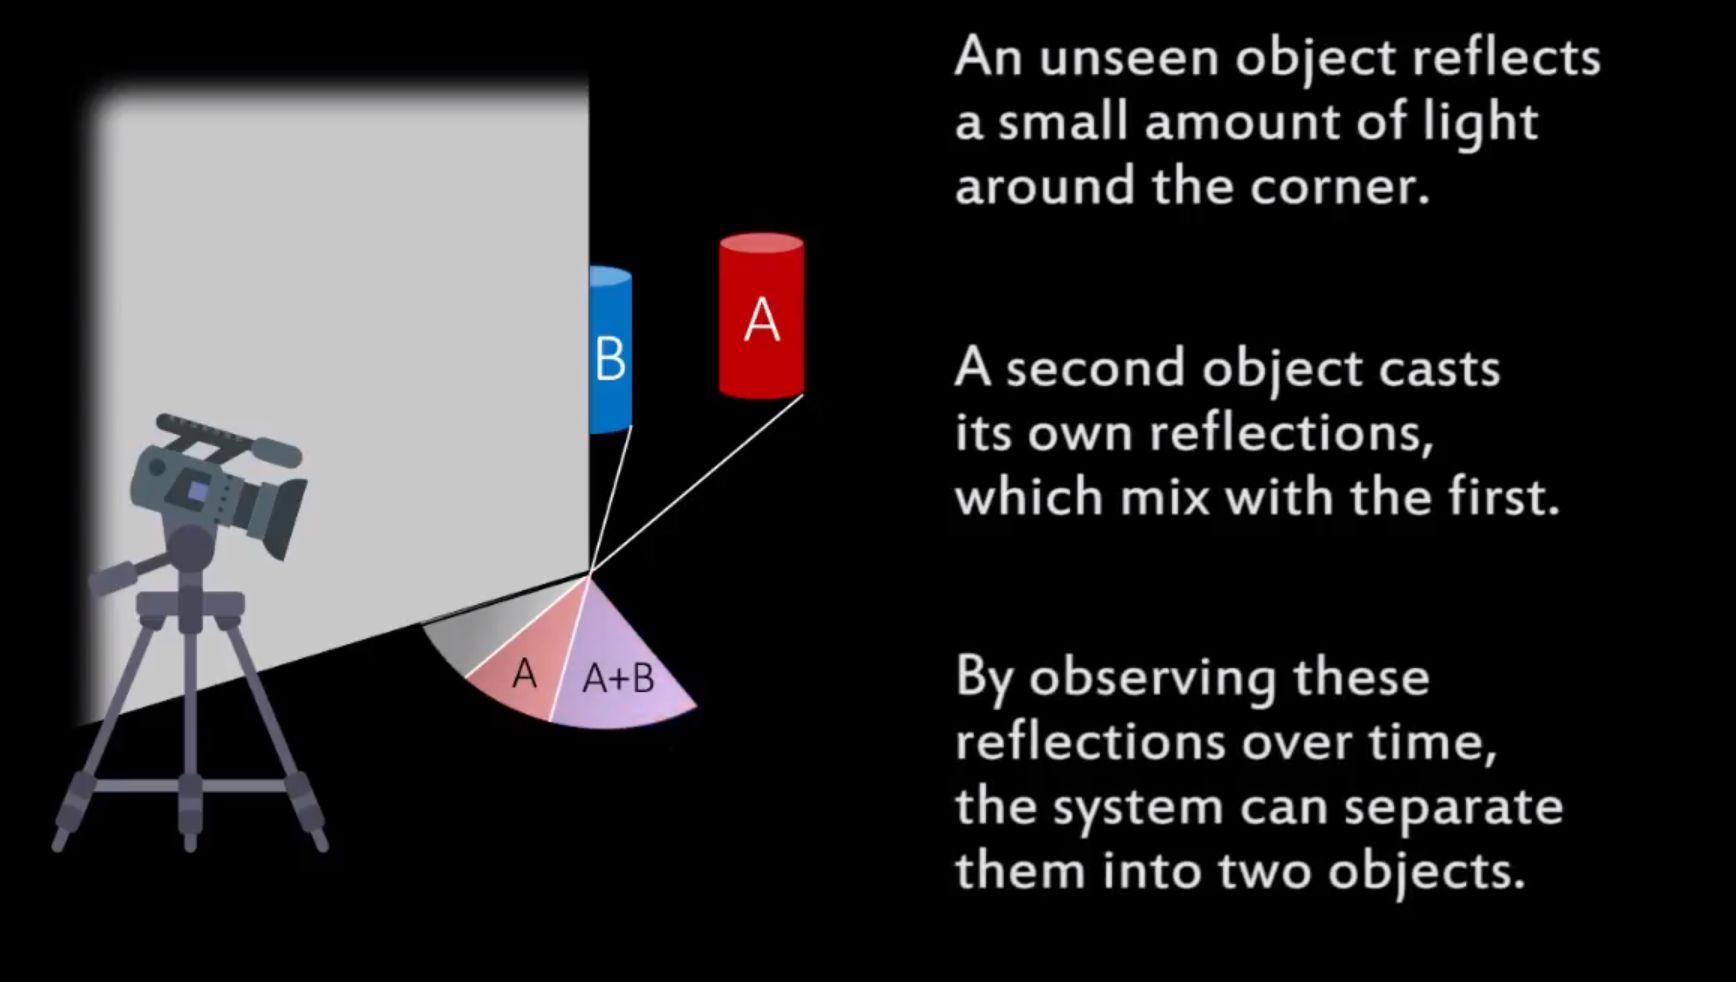 Teknologien fanger opp «usynlige» skygger fra objektene bak hjørnet og kan skille flere objekter fra hverandre.